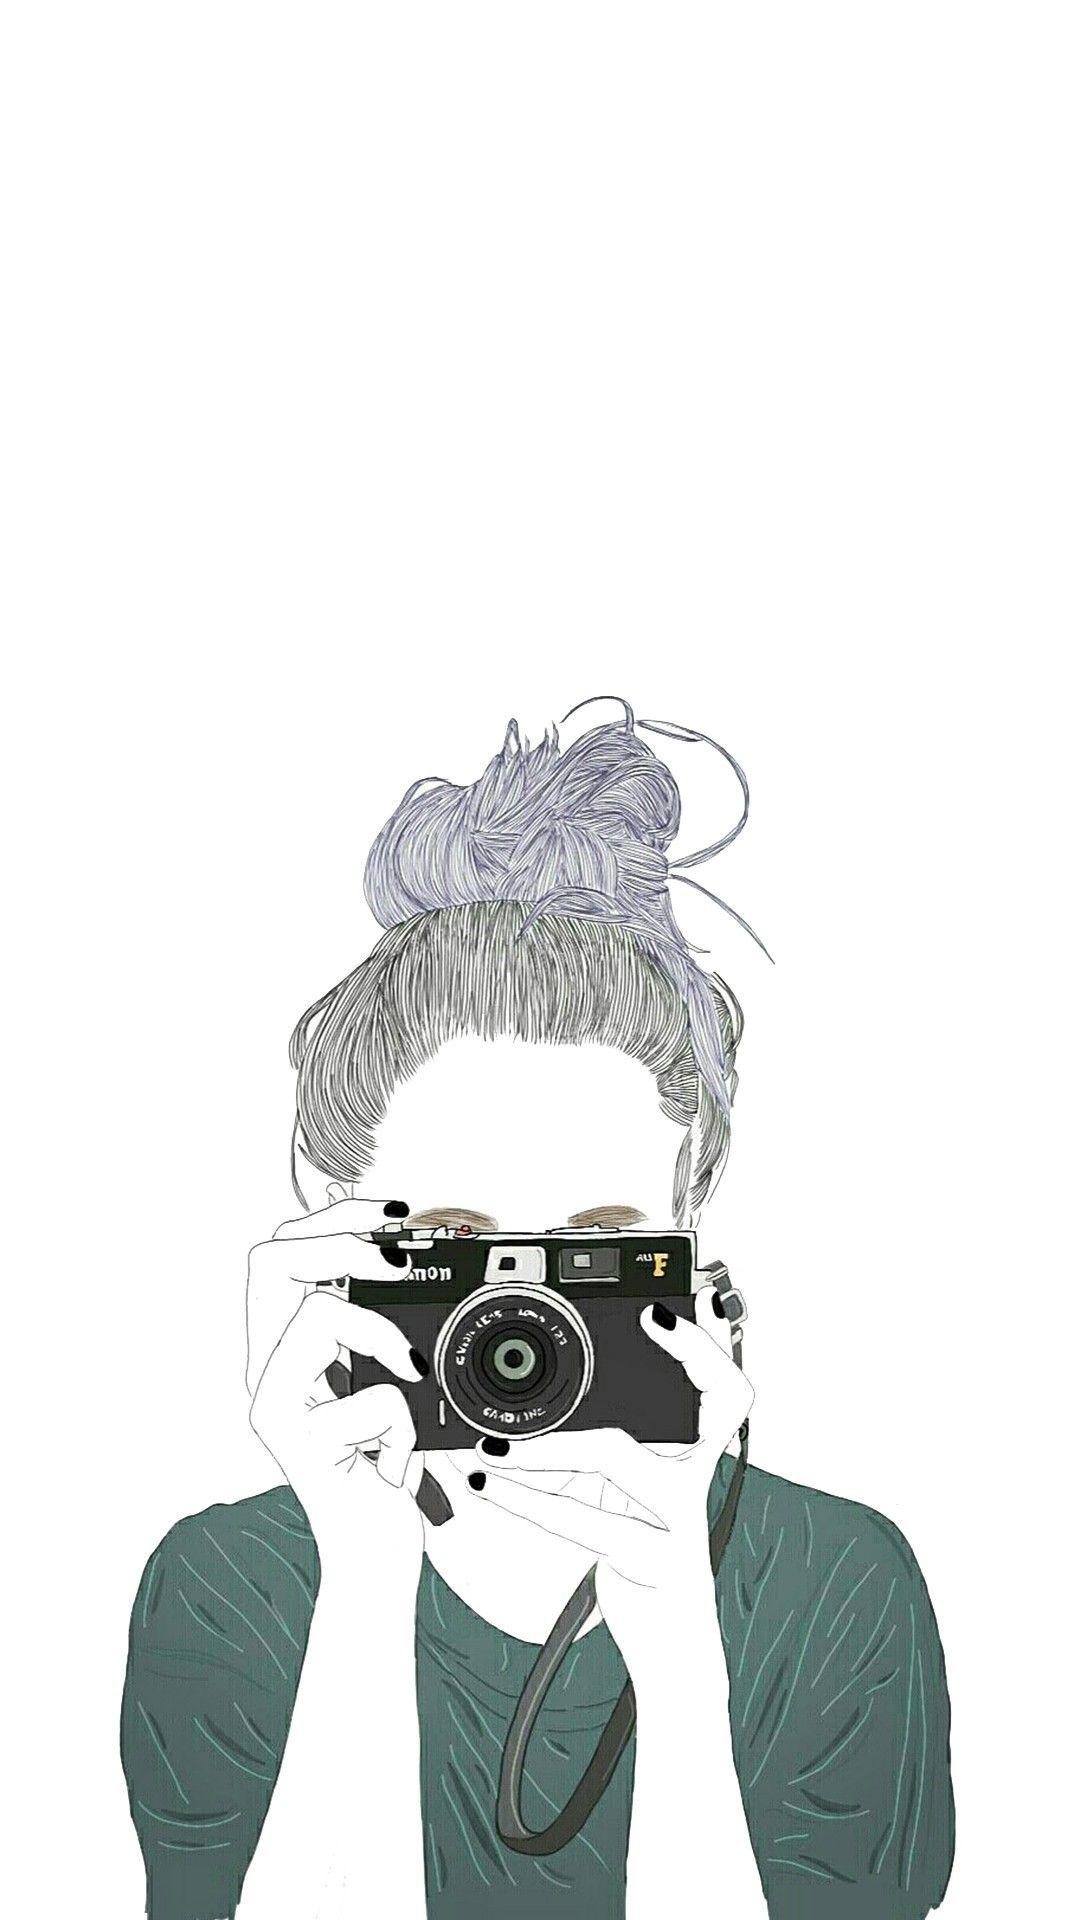 Achtergrond Gambar Gambar Potret Ilustrasi Karakter